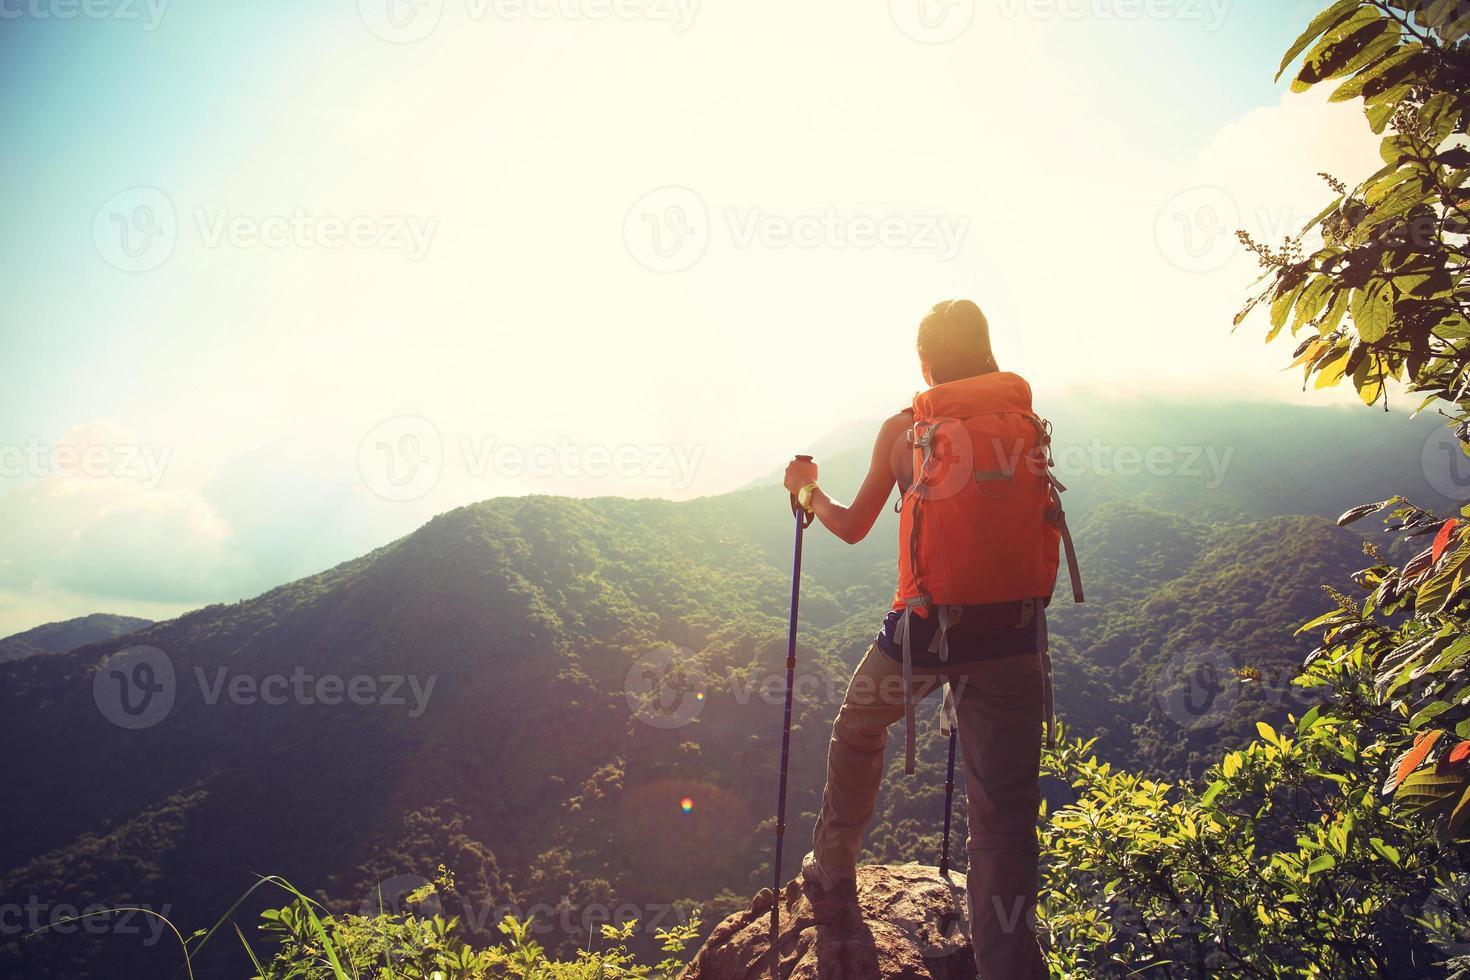 jublande kvinna vandrare klättring till bergstopp foto